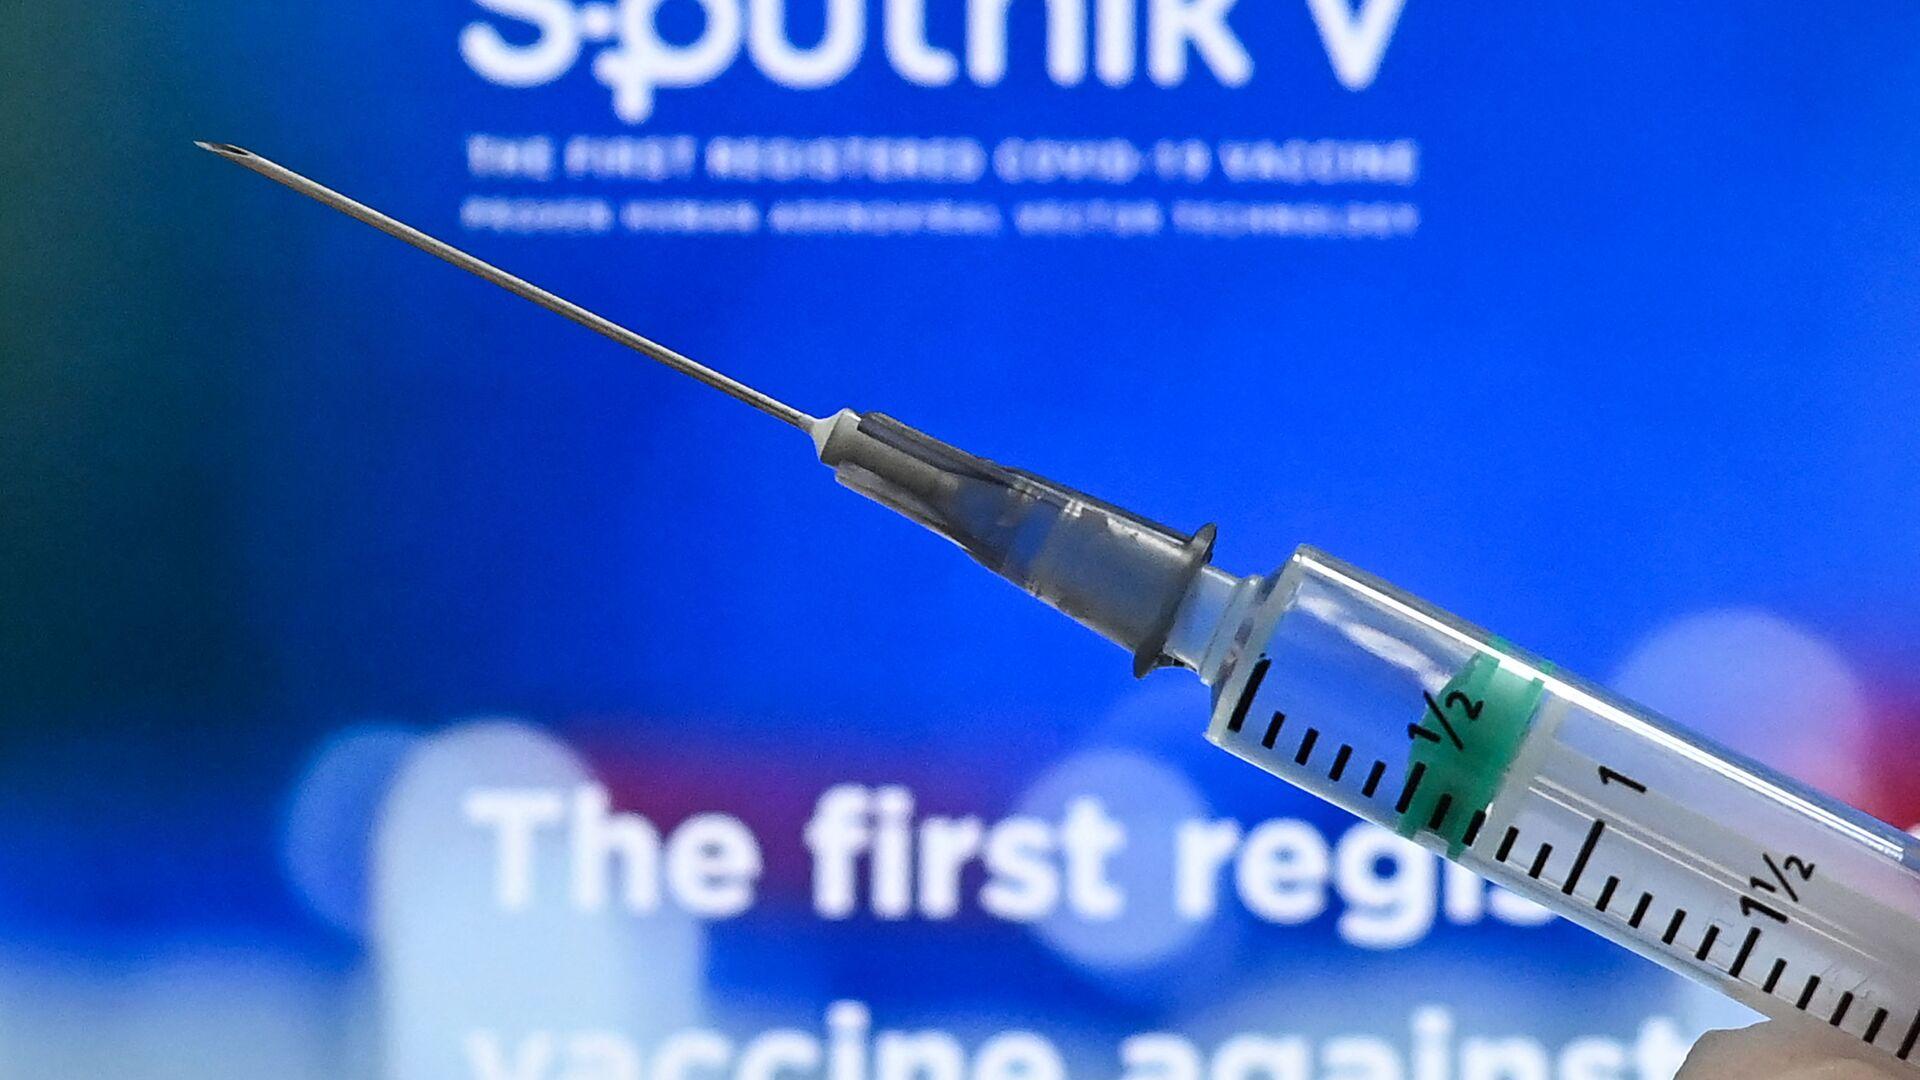 Медработник с вакциной Спутник V от коронавируса COVID-19, фото из архива - Sputnik Азербайджан, 1920, 16.04.2021